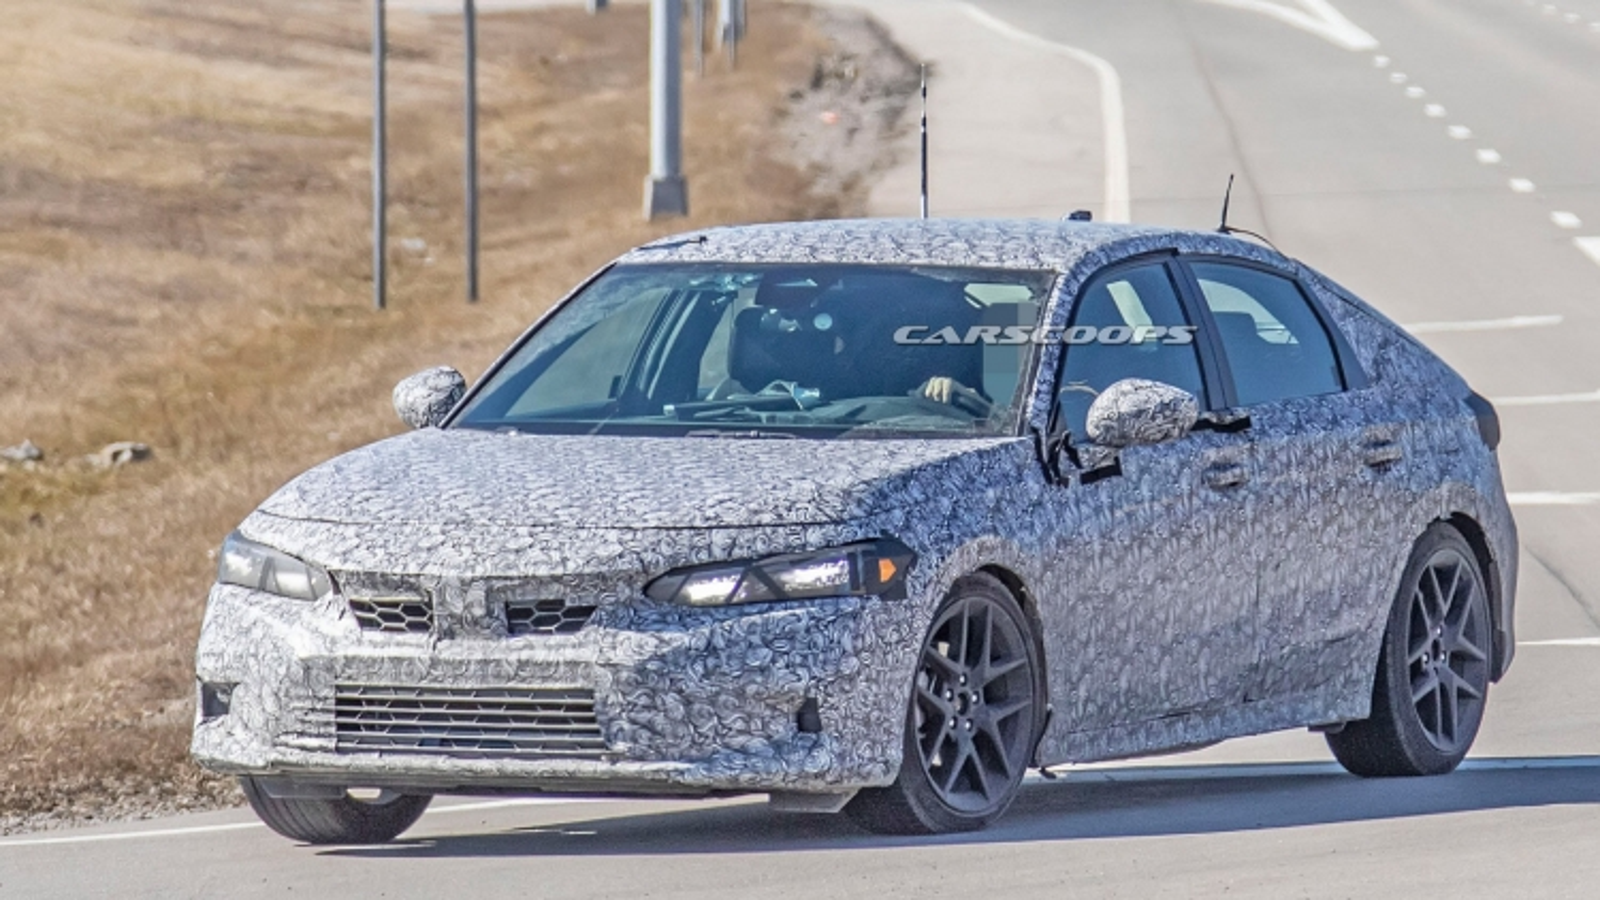 Hình ảnh thực tế của chiếc Honda Civic 2022